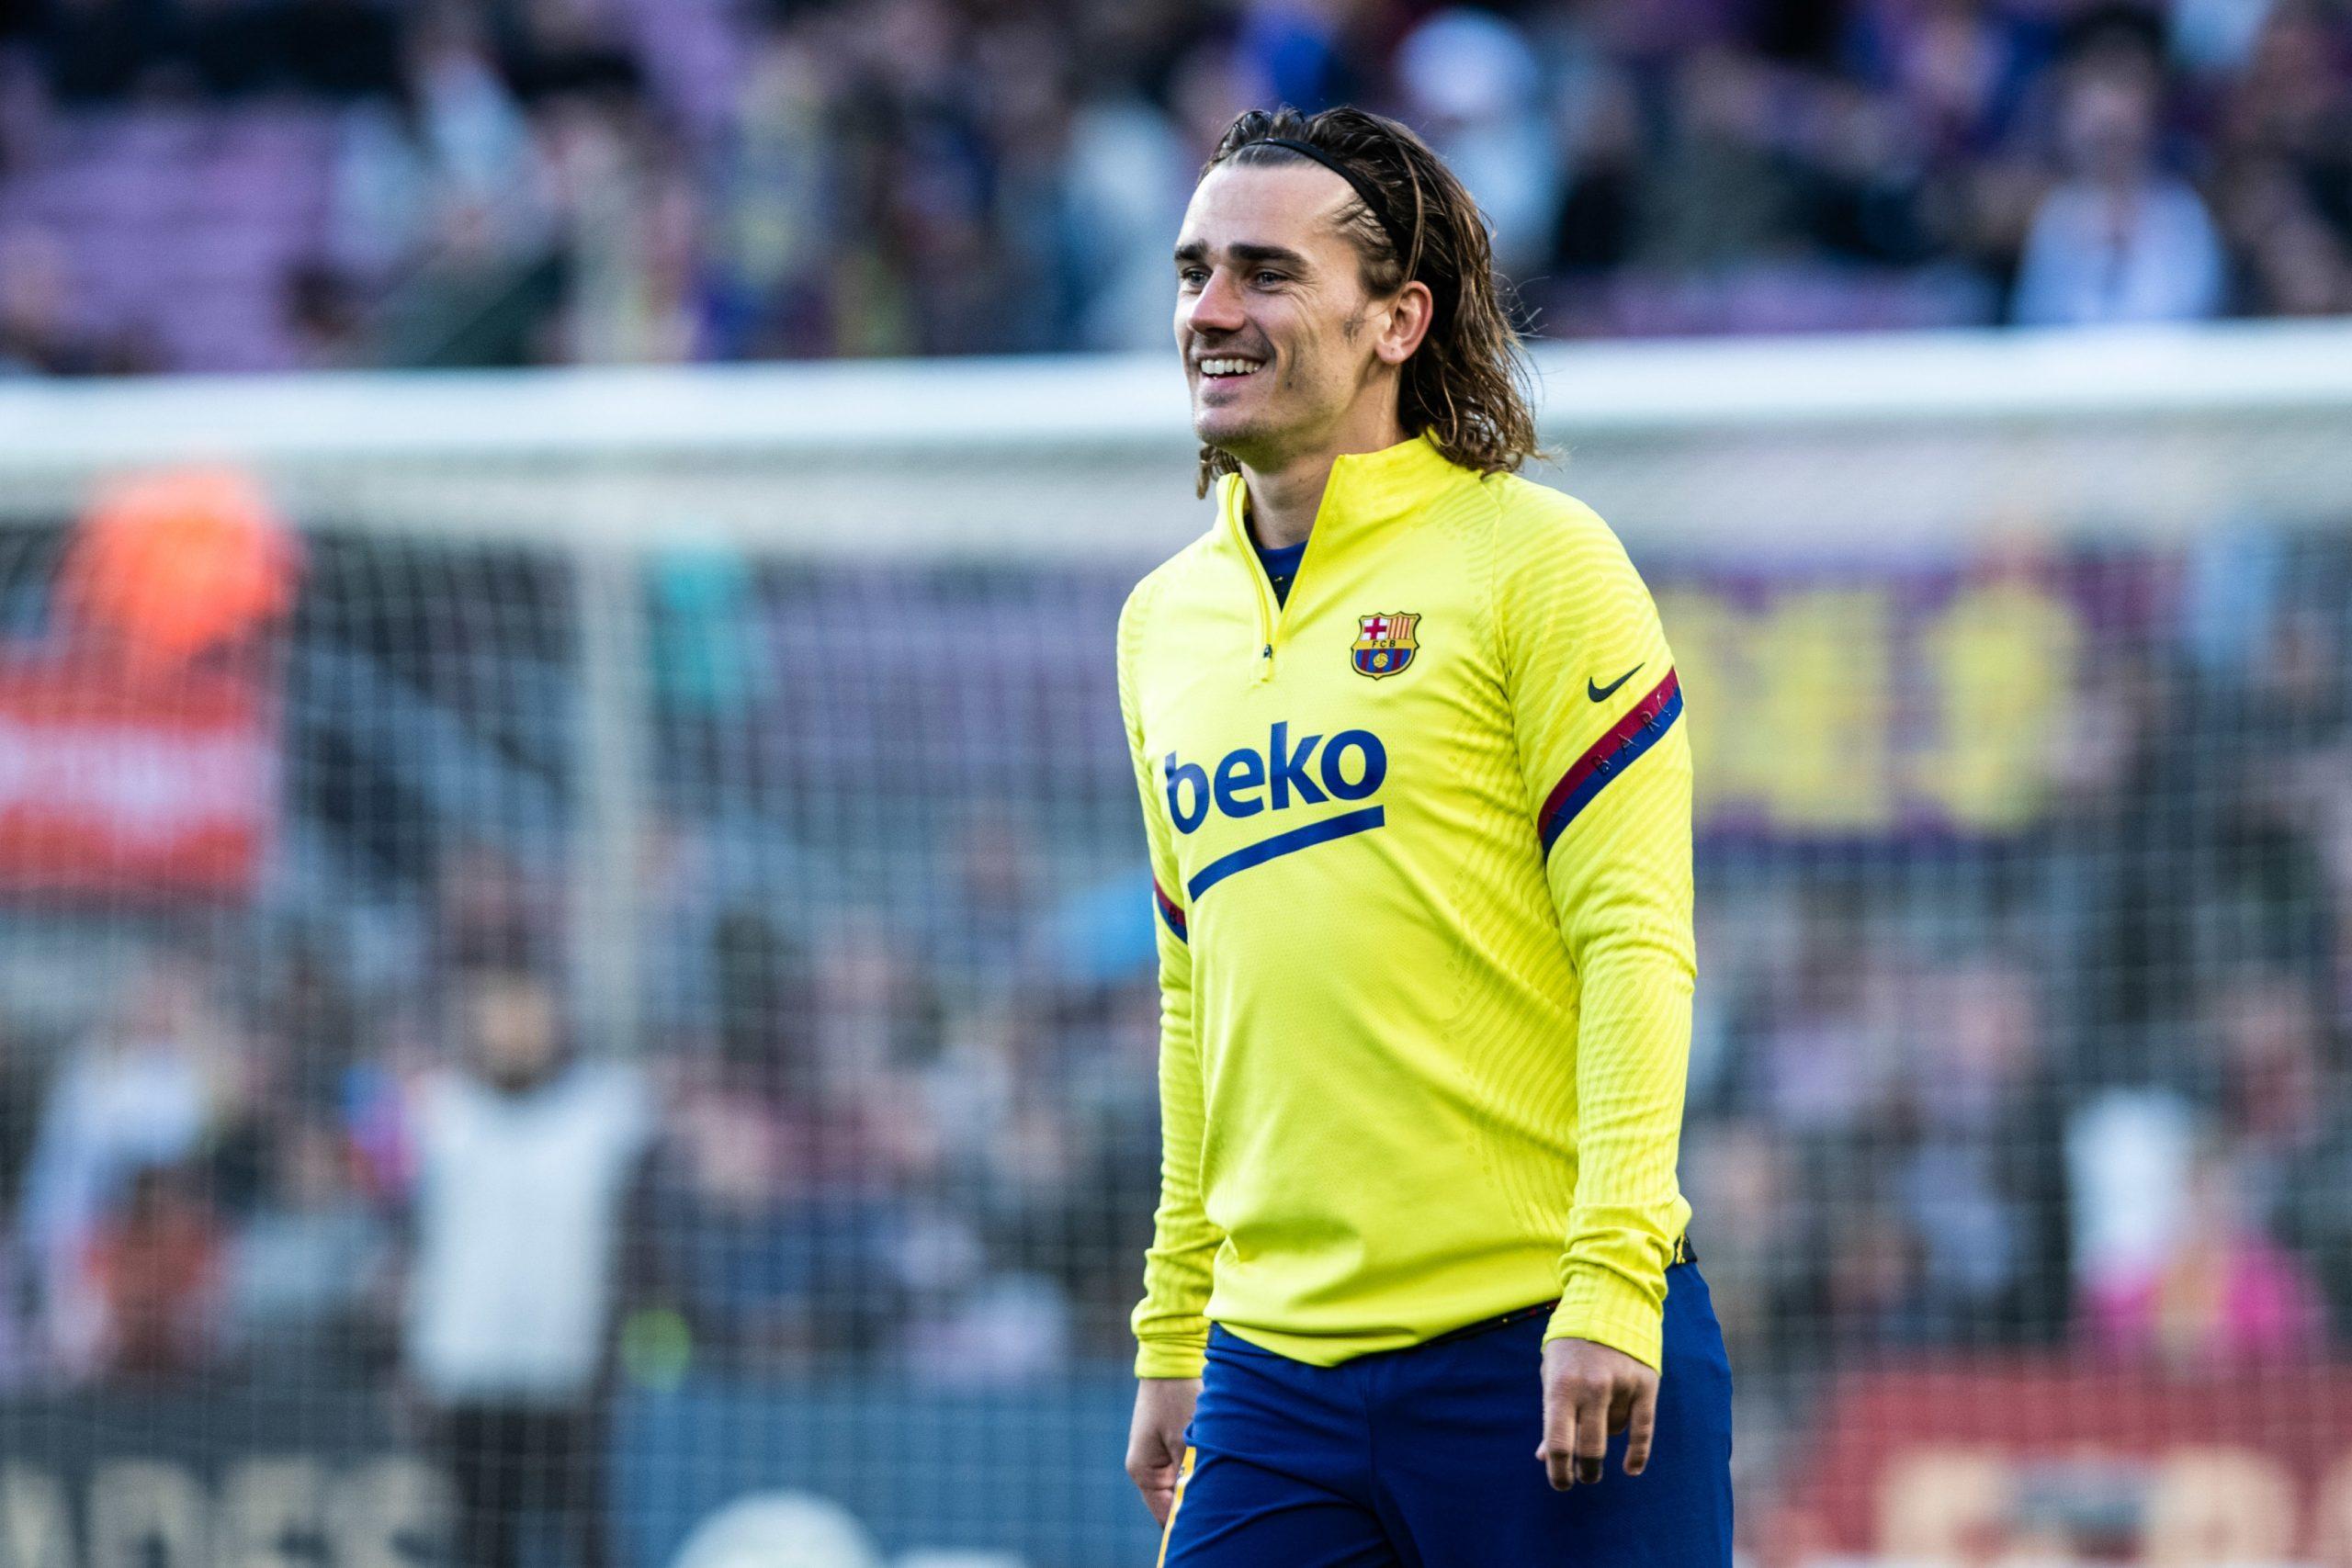 Mercato - Le PSG s'intéresse à Griezmann, qui veut rester au Barça selon Mundo Deportivo